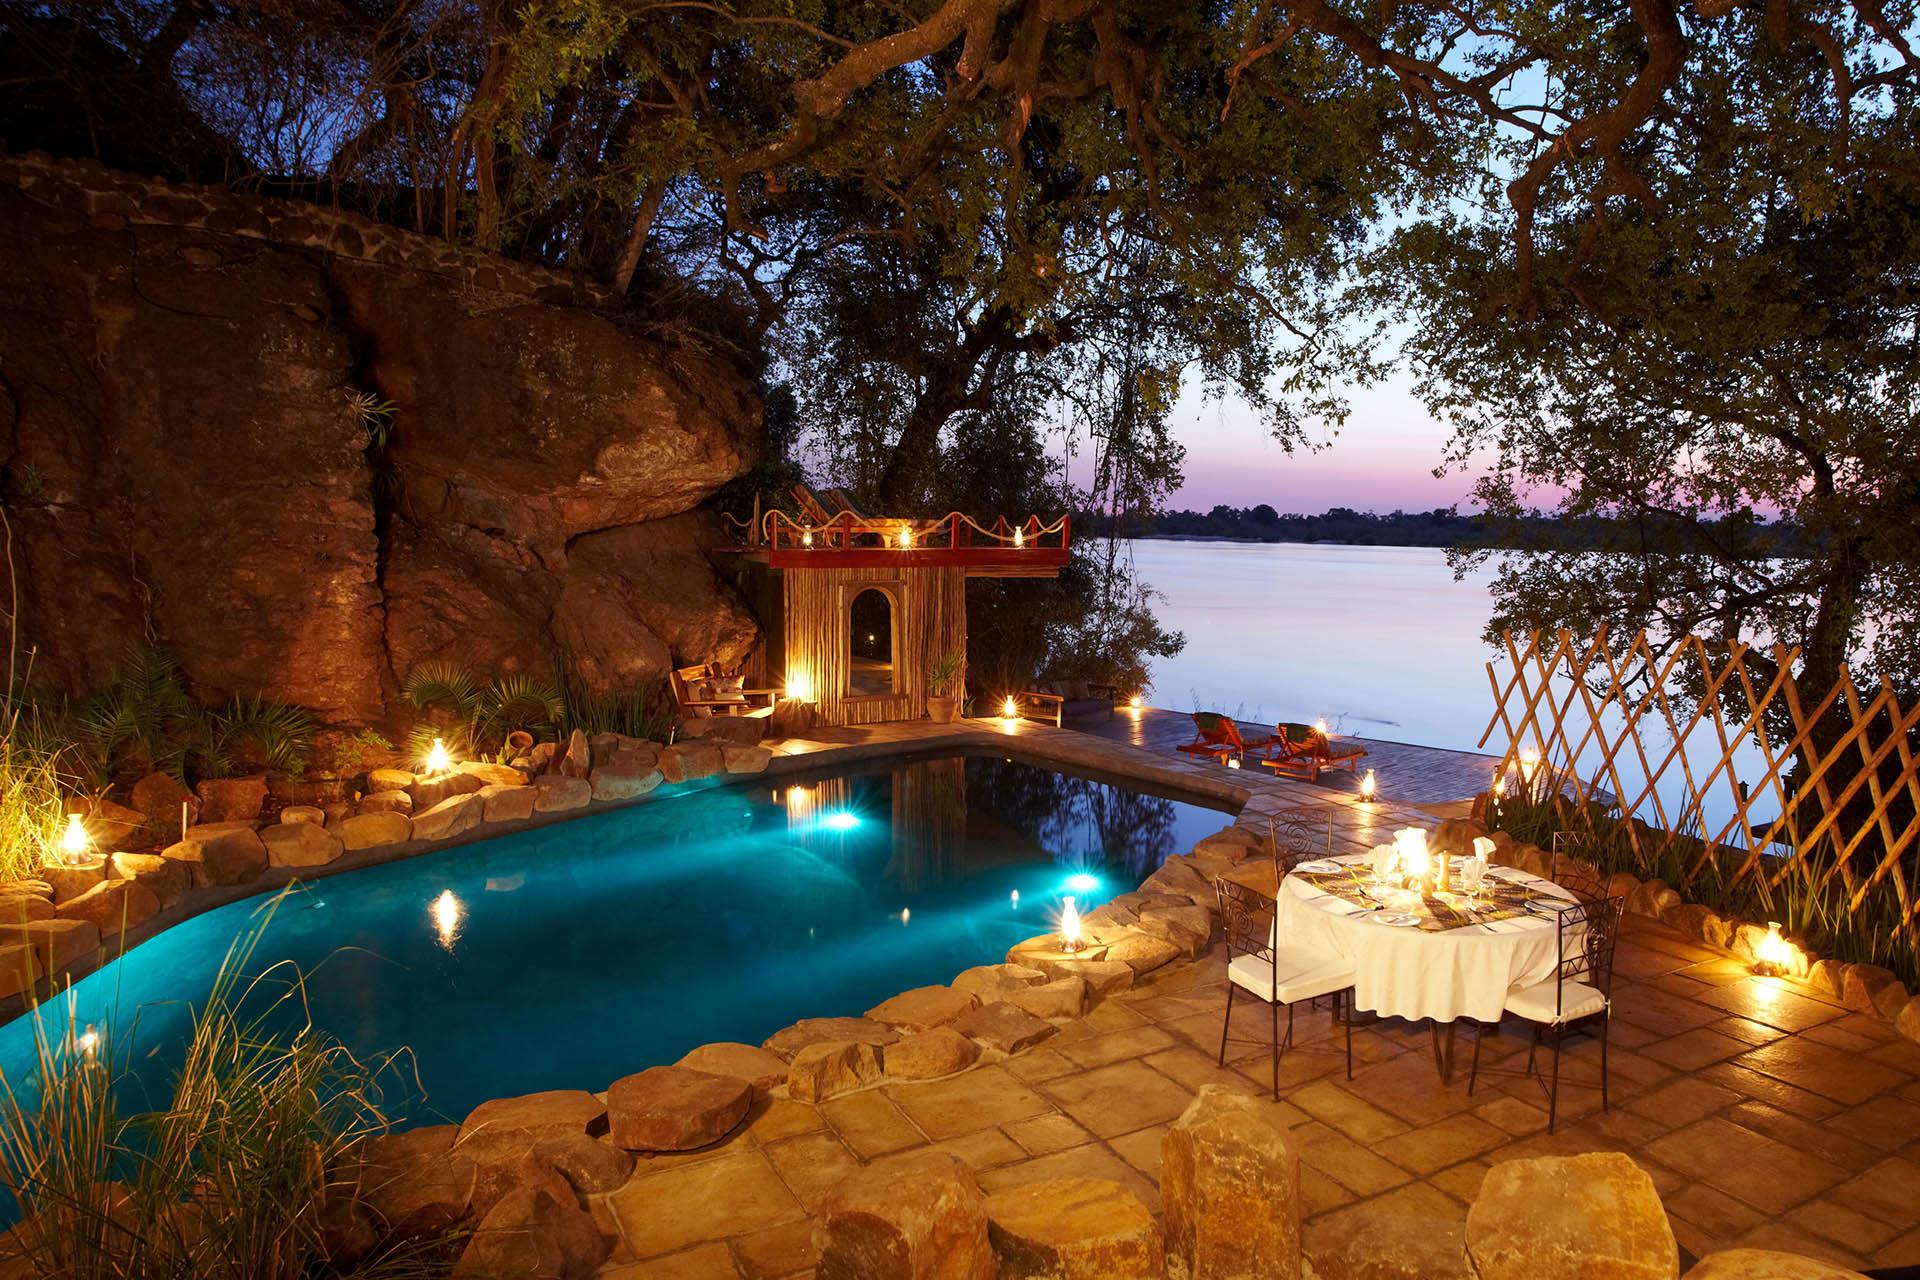 zambia zambian-explorer-livingstone-lower-zambezi-south-luangwa-8-nights-malawian-style-malawi-adventures-experiences-specialist-tour-operator-tongabezi-lodge-pool